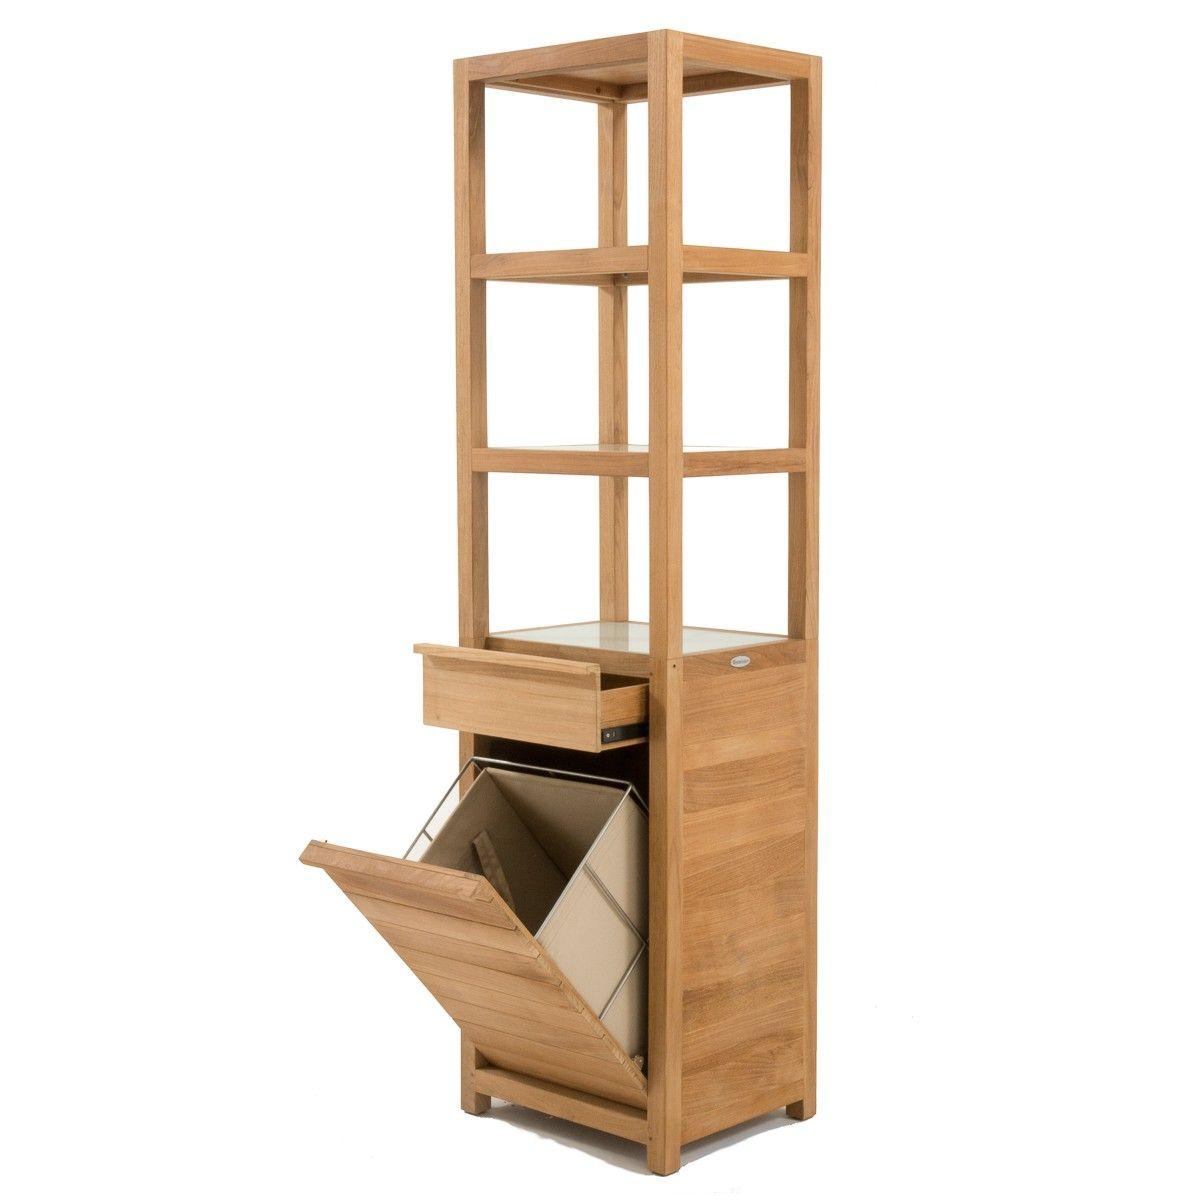 Teak Storage Shelf 31 5 In Teak Outdoor Furniture Teak Bathroom